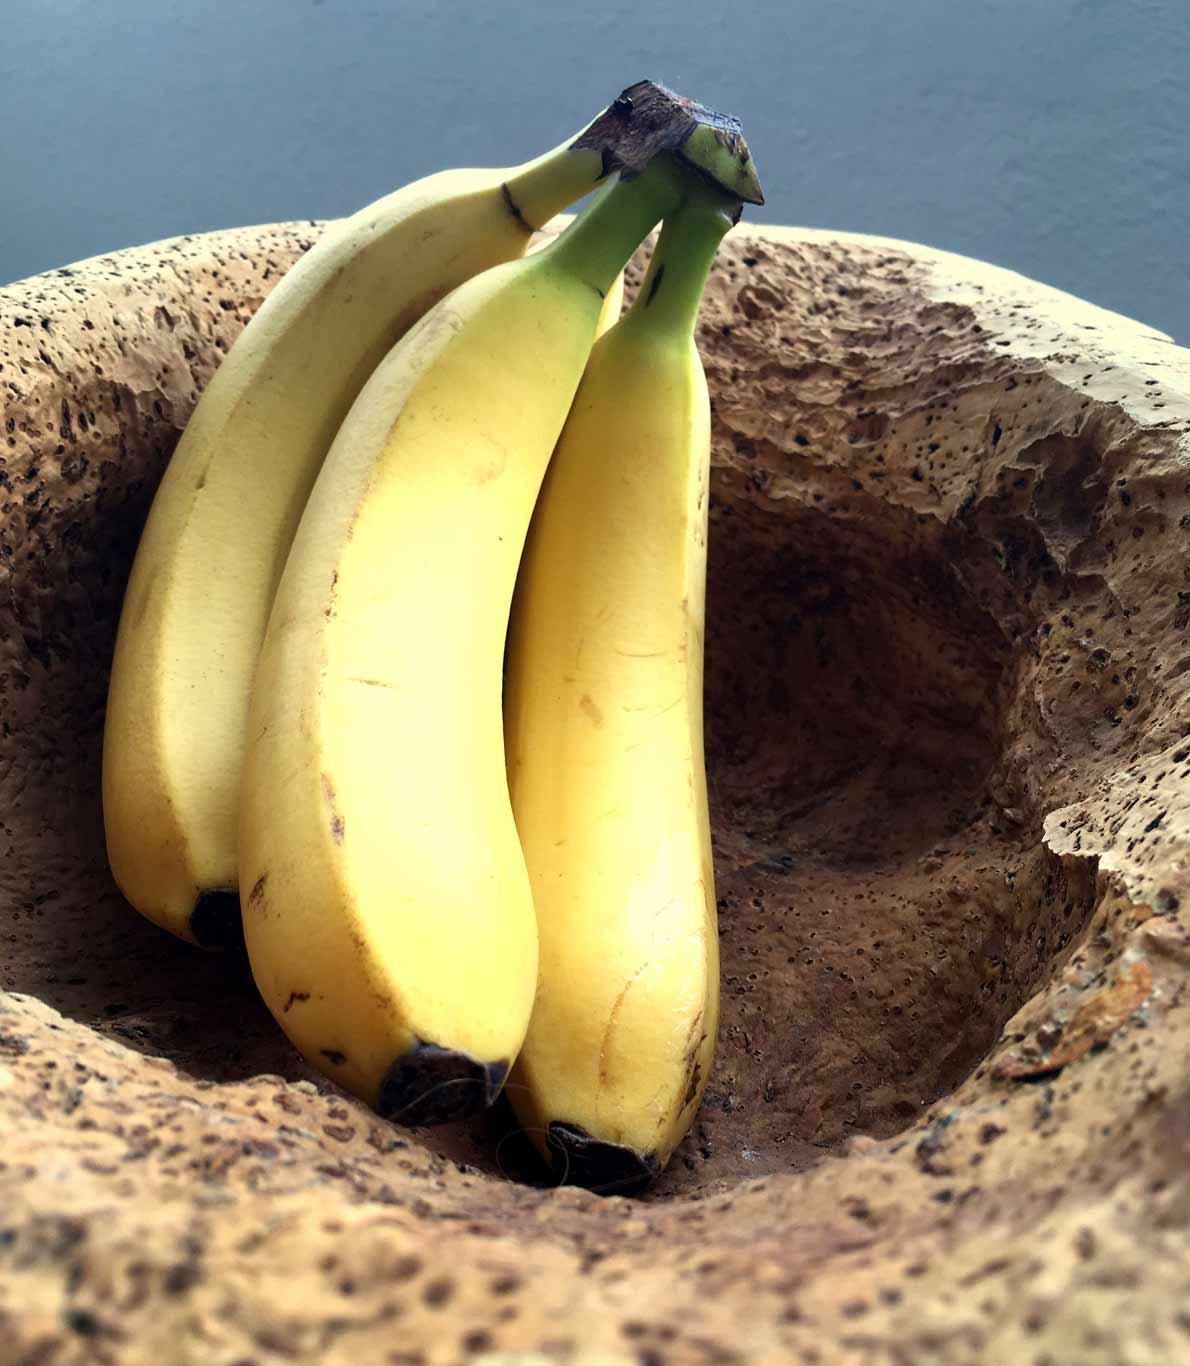 Um cacho de bananas deitadas num vaso feito de cortiça típico do Alentejo